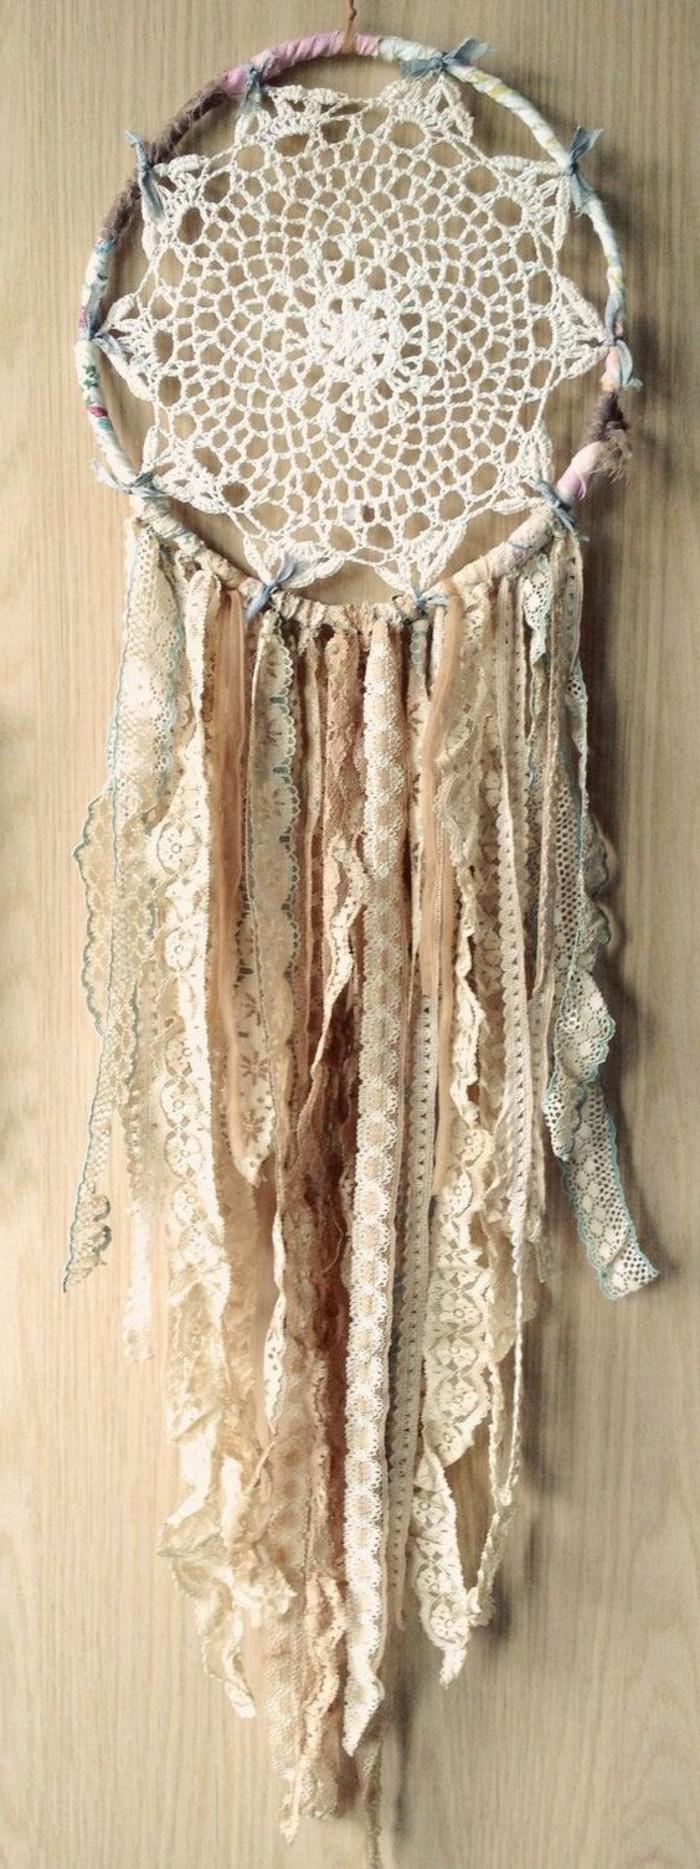 magnifique-suggestion-attrape-reves-blanc-decore-de-jolies-dentelles-vintage-dreamcatcher-rêve